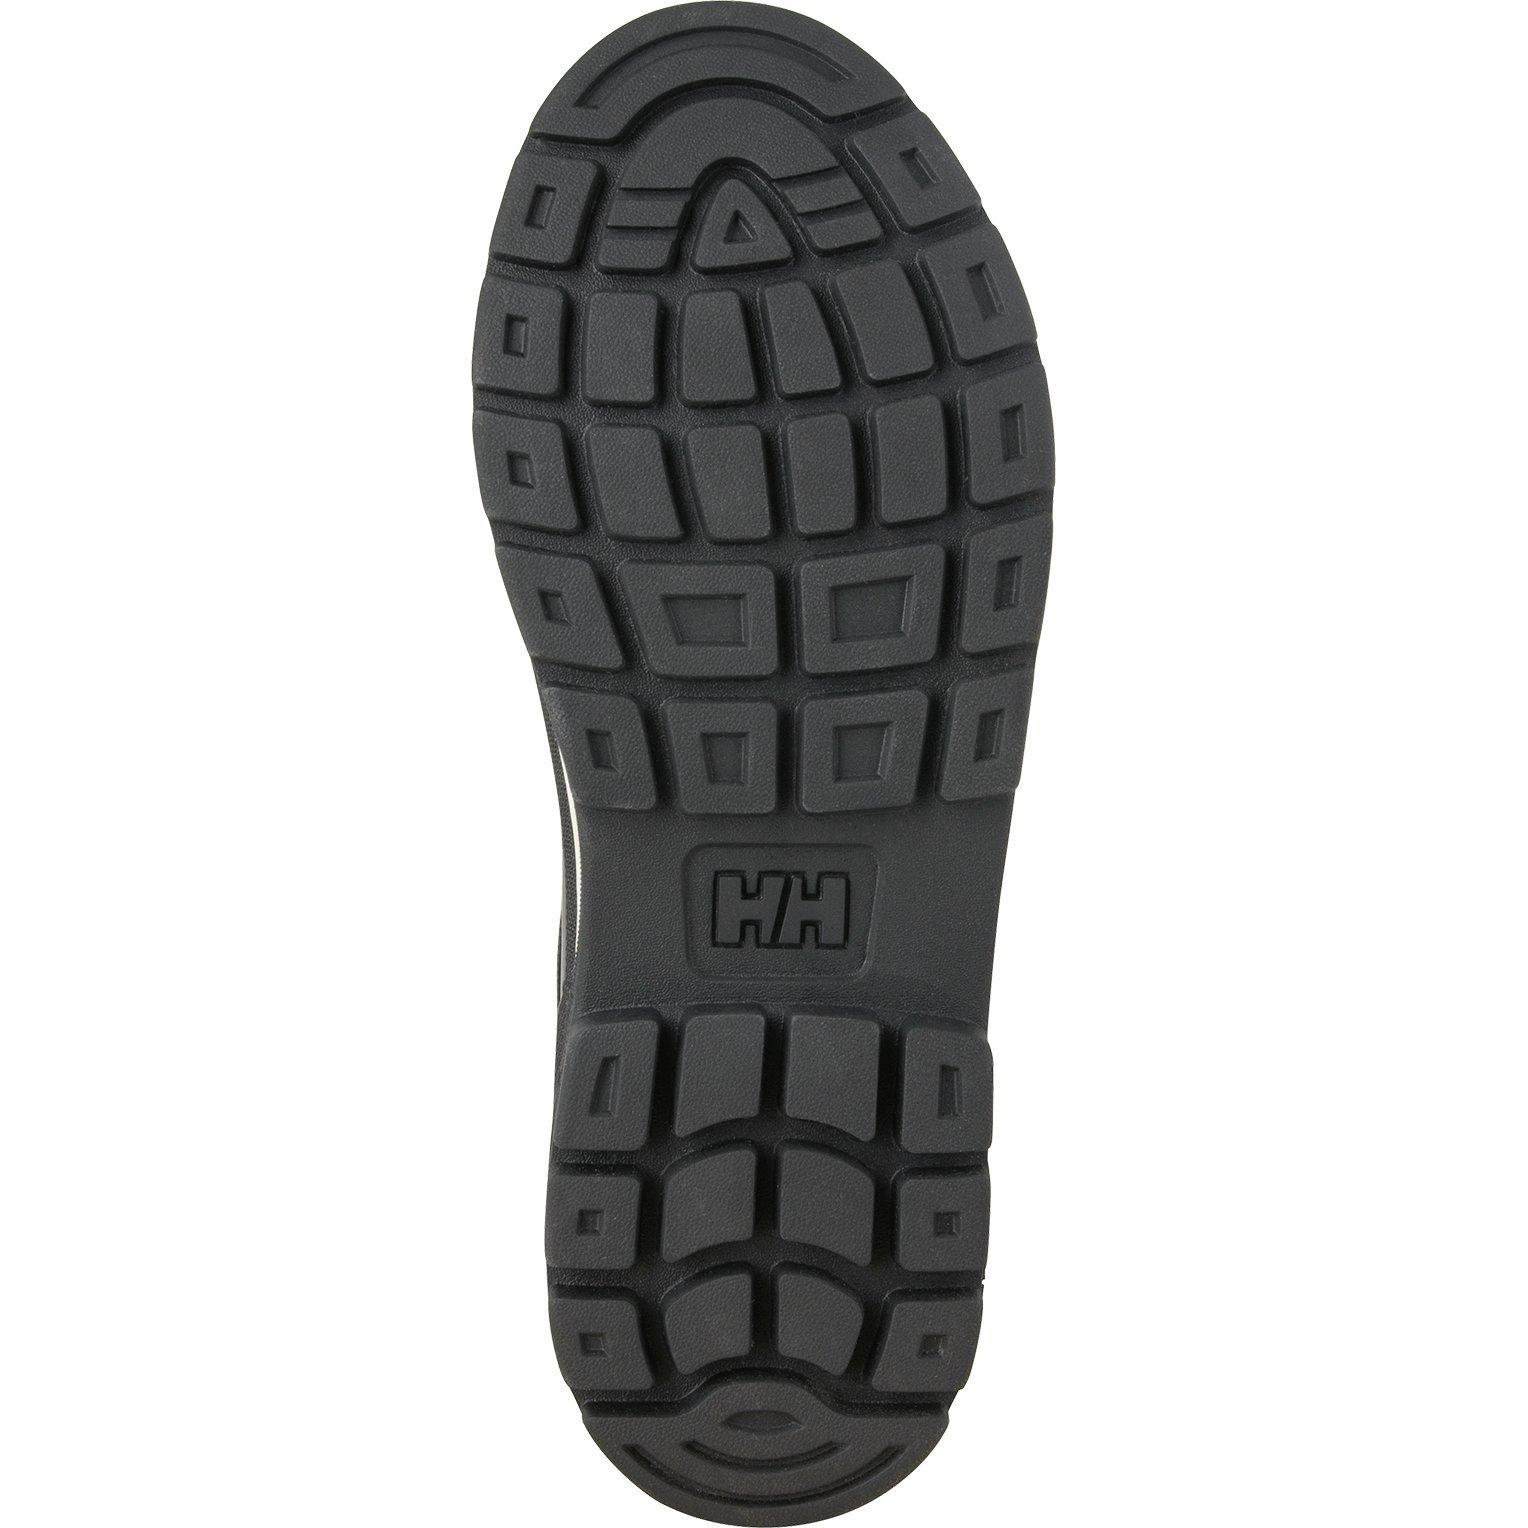 Helly Hansen Men's Midsund 2 Rain Boot, Black/Off White, 8 M US